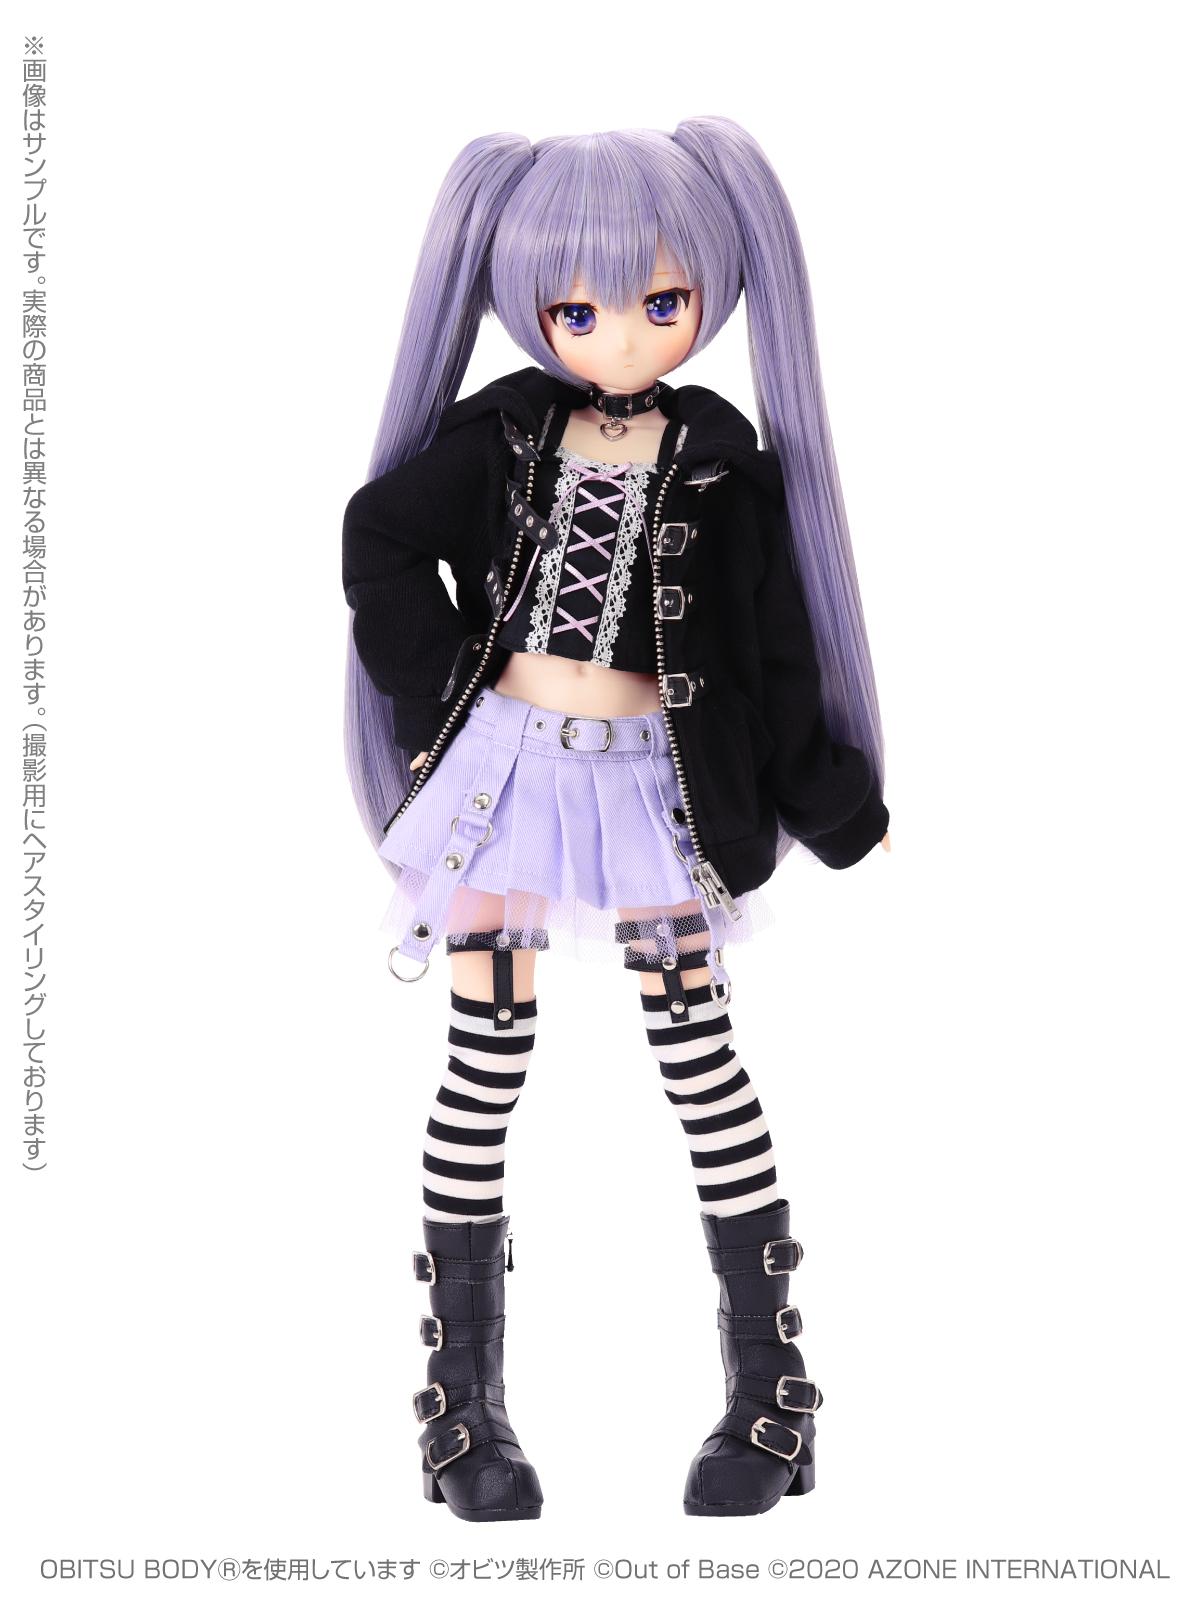 【限定販売】Iris Collect petit『すずね/Noraneko drops ver.1.1(アゾンダイレクトストア販売ver.)』1/3 完成品ドール-005